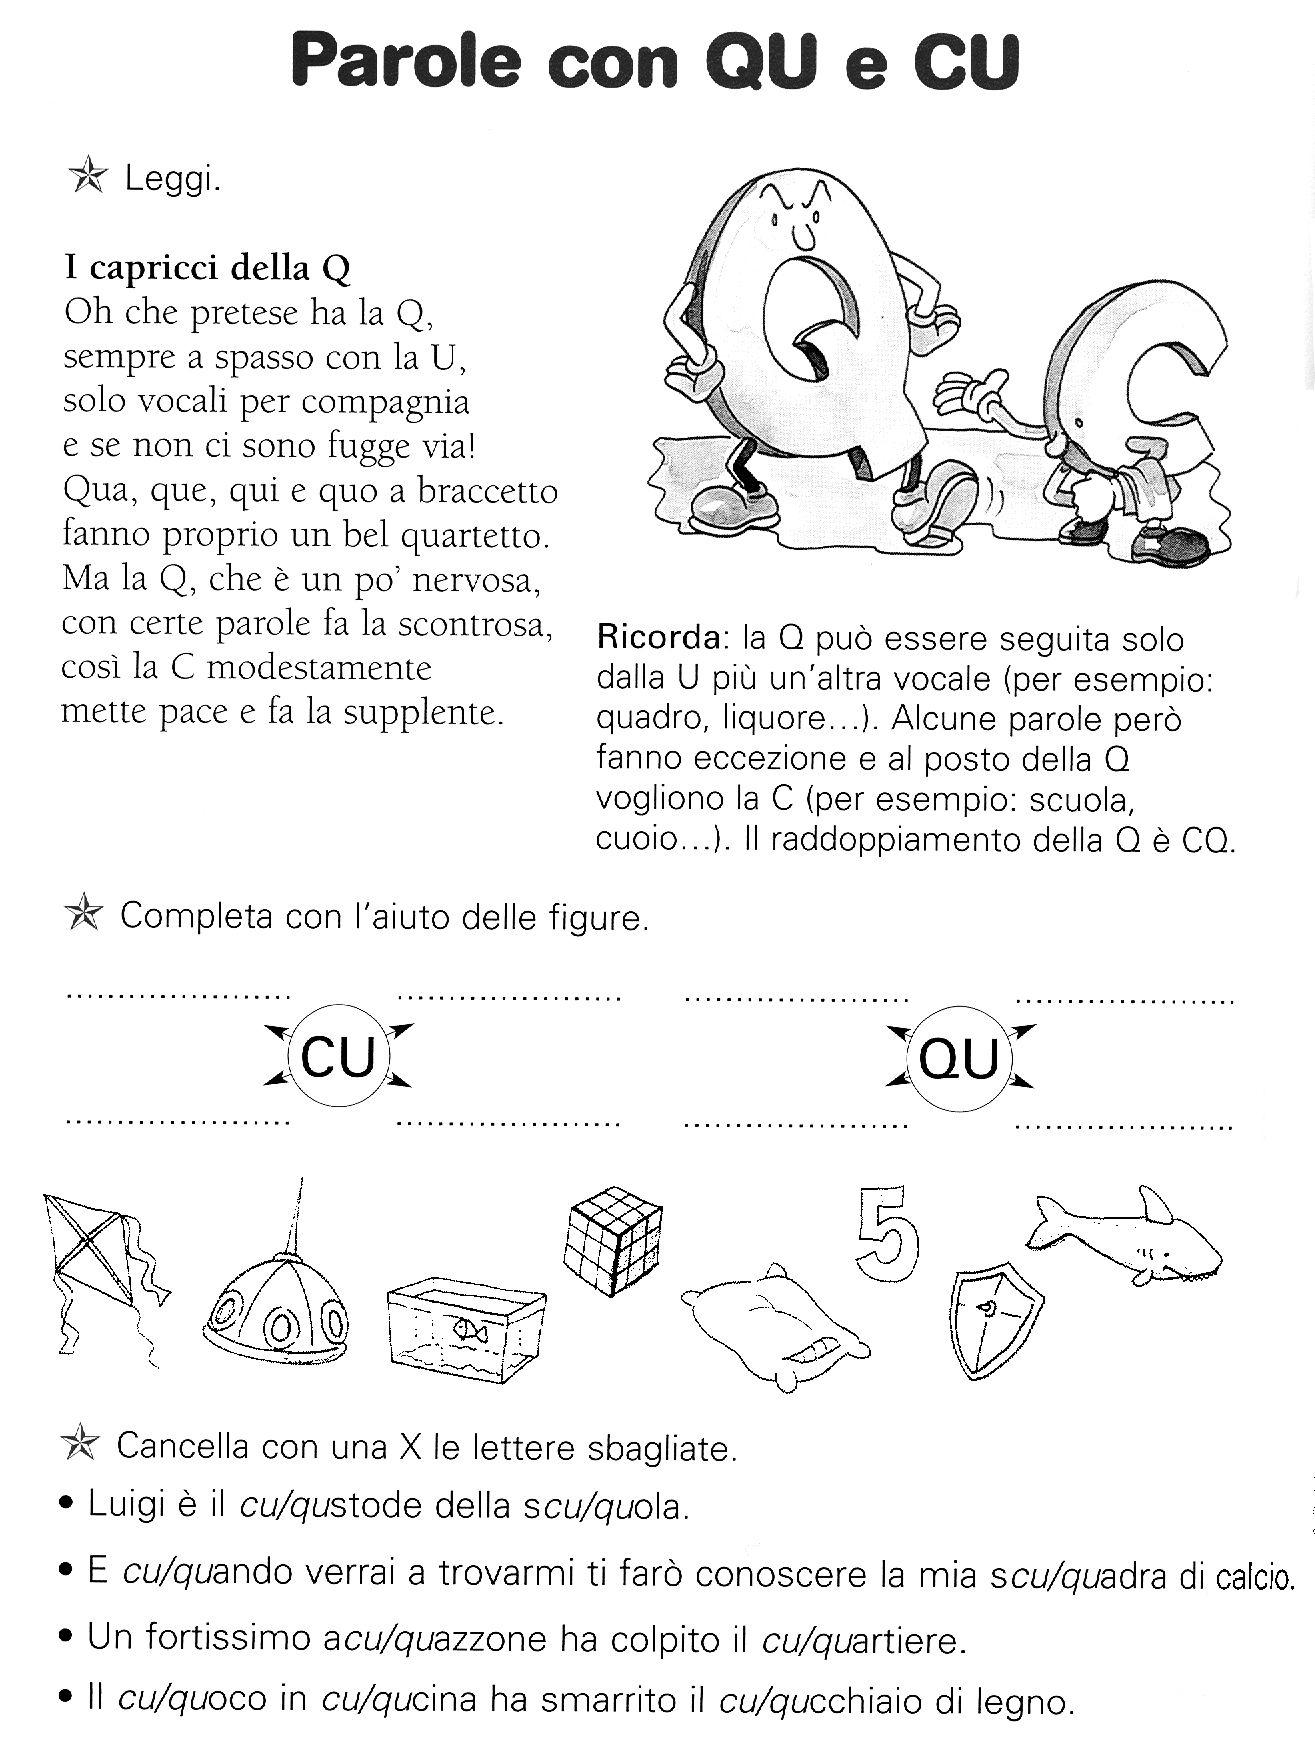 Ca Co Cu Ci Ce Cia Cio Ciu Schede Didattiche T Italiano